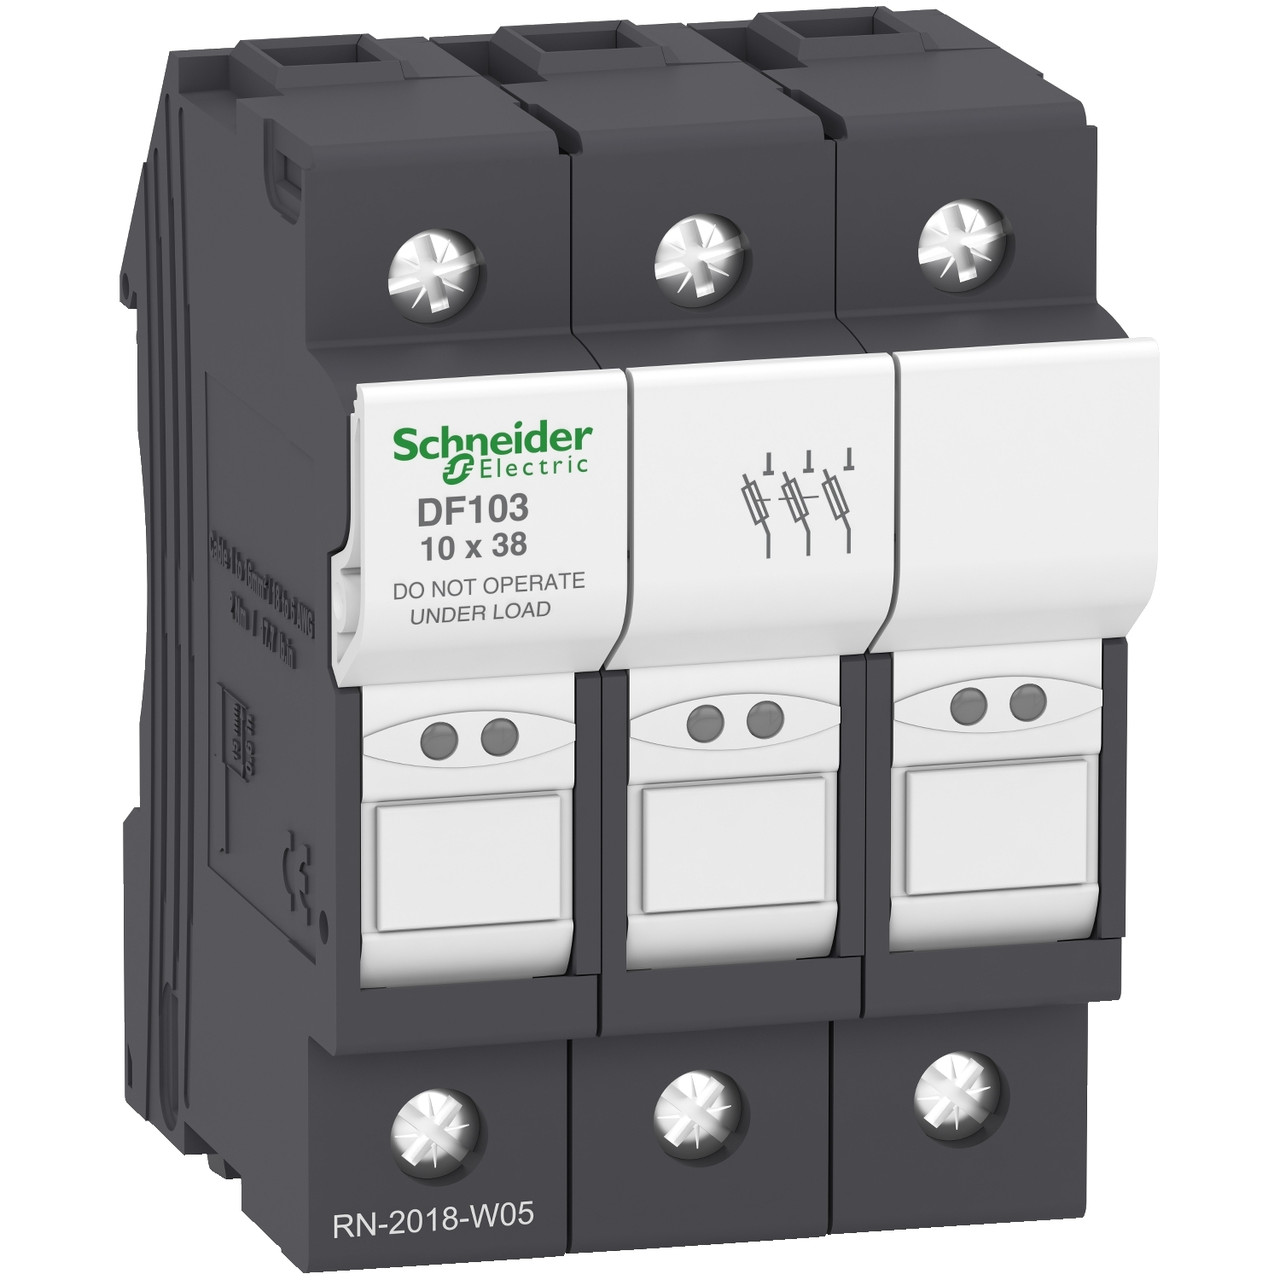 Разъединитель Schneider Electric DF103 3P 32A держатель цилиндрических предохранителей 10x38 мм TeSyS